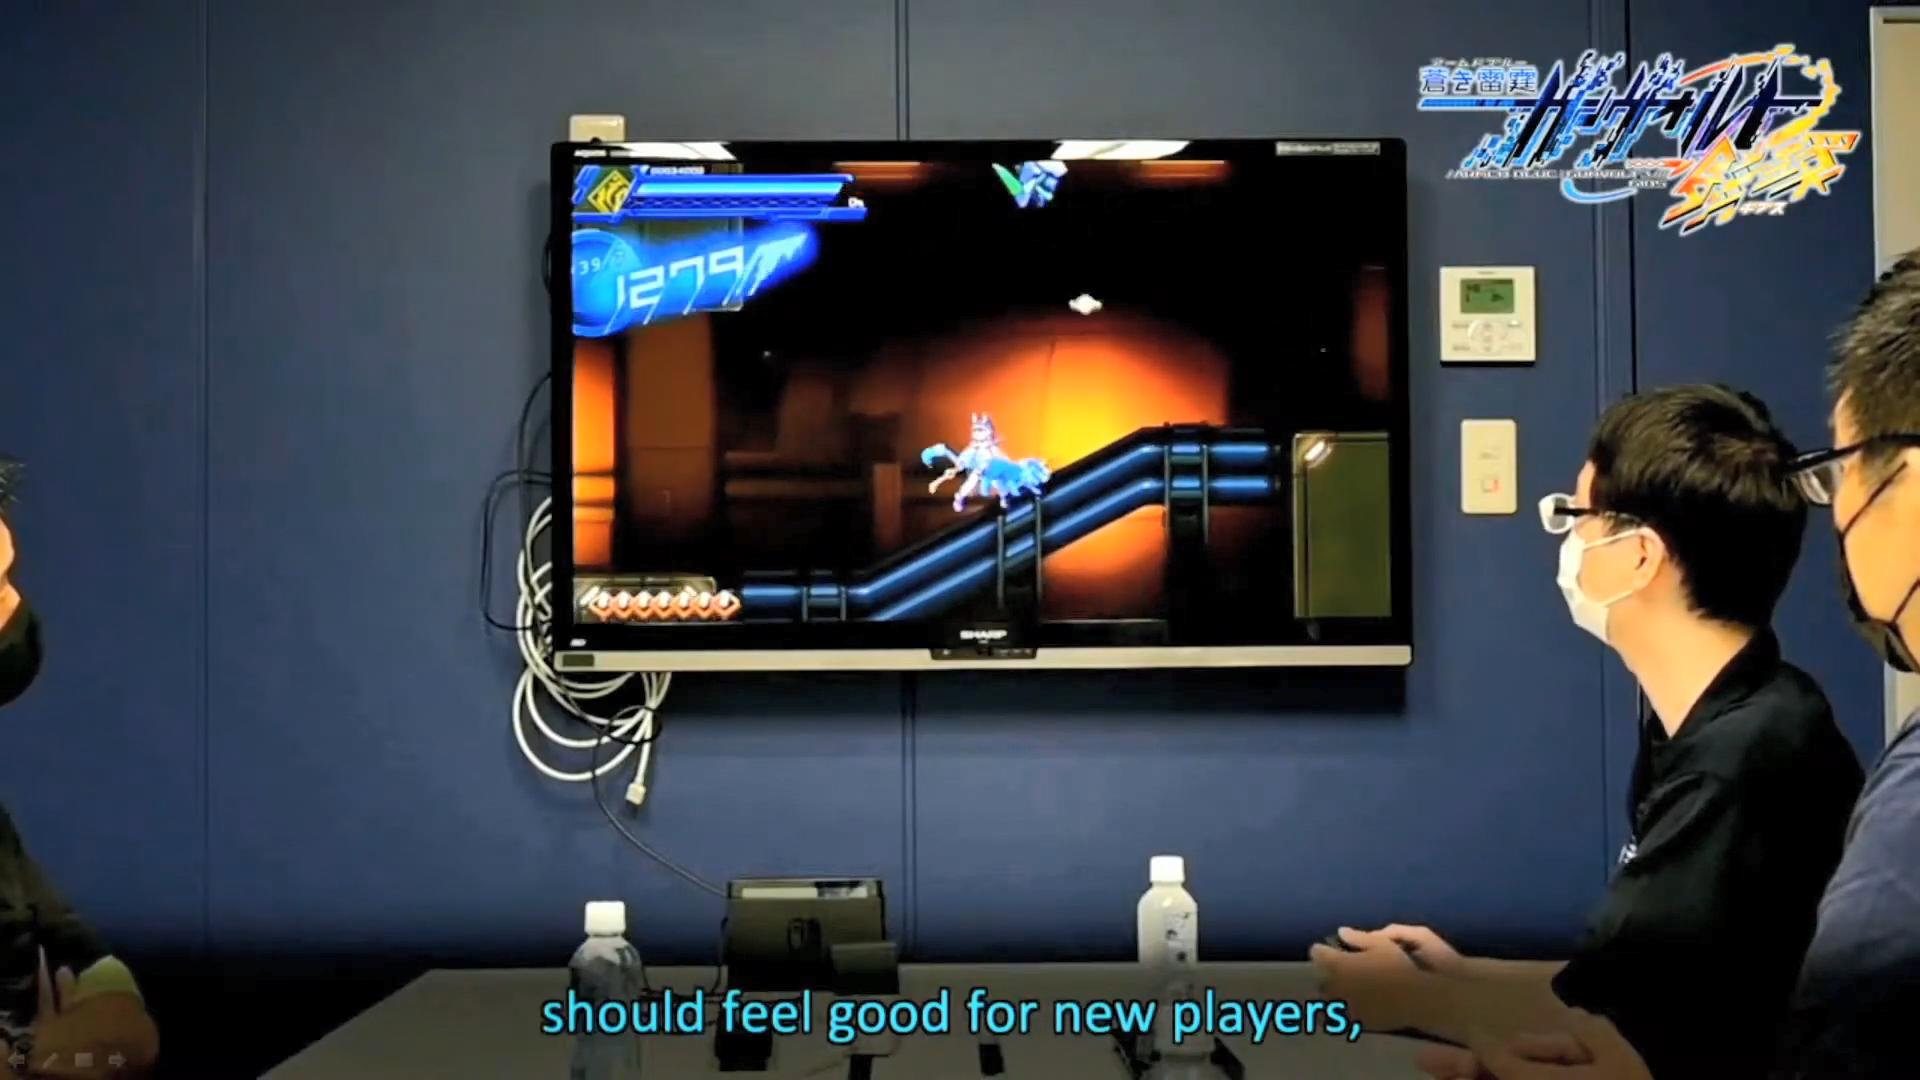 《苍穹雷霆 Gunvolt 3》确定2022年夏季发售 目前开发工作已基本完成